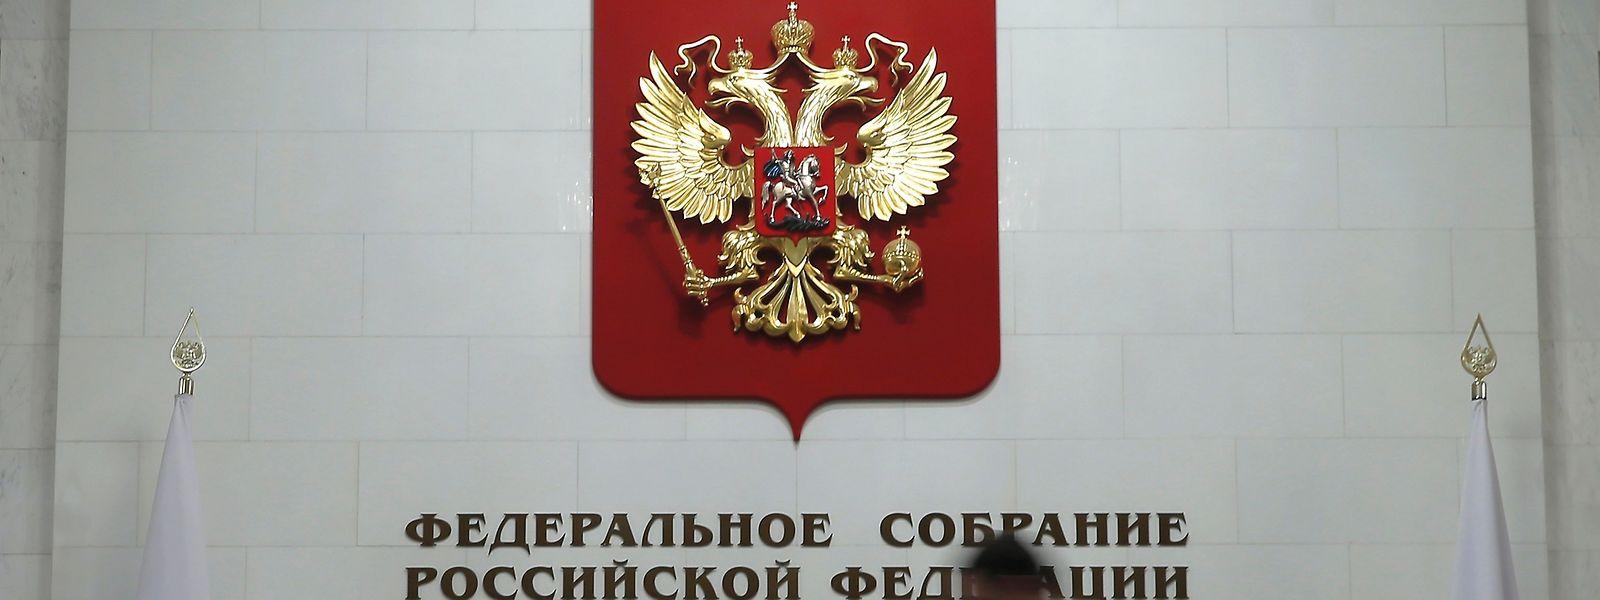 """Die Duma stufte häusliche Gewalt auf den Status einer Ordnungswidrigkeit zurück - """"solange es keine Knochenbrüche gibt""""."""